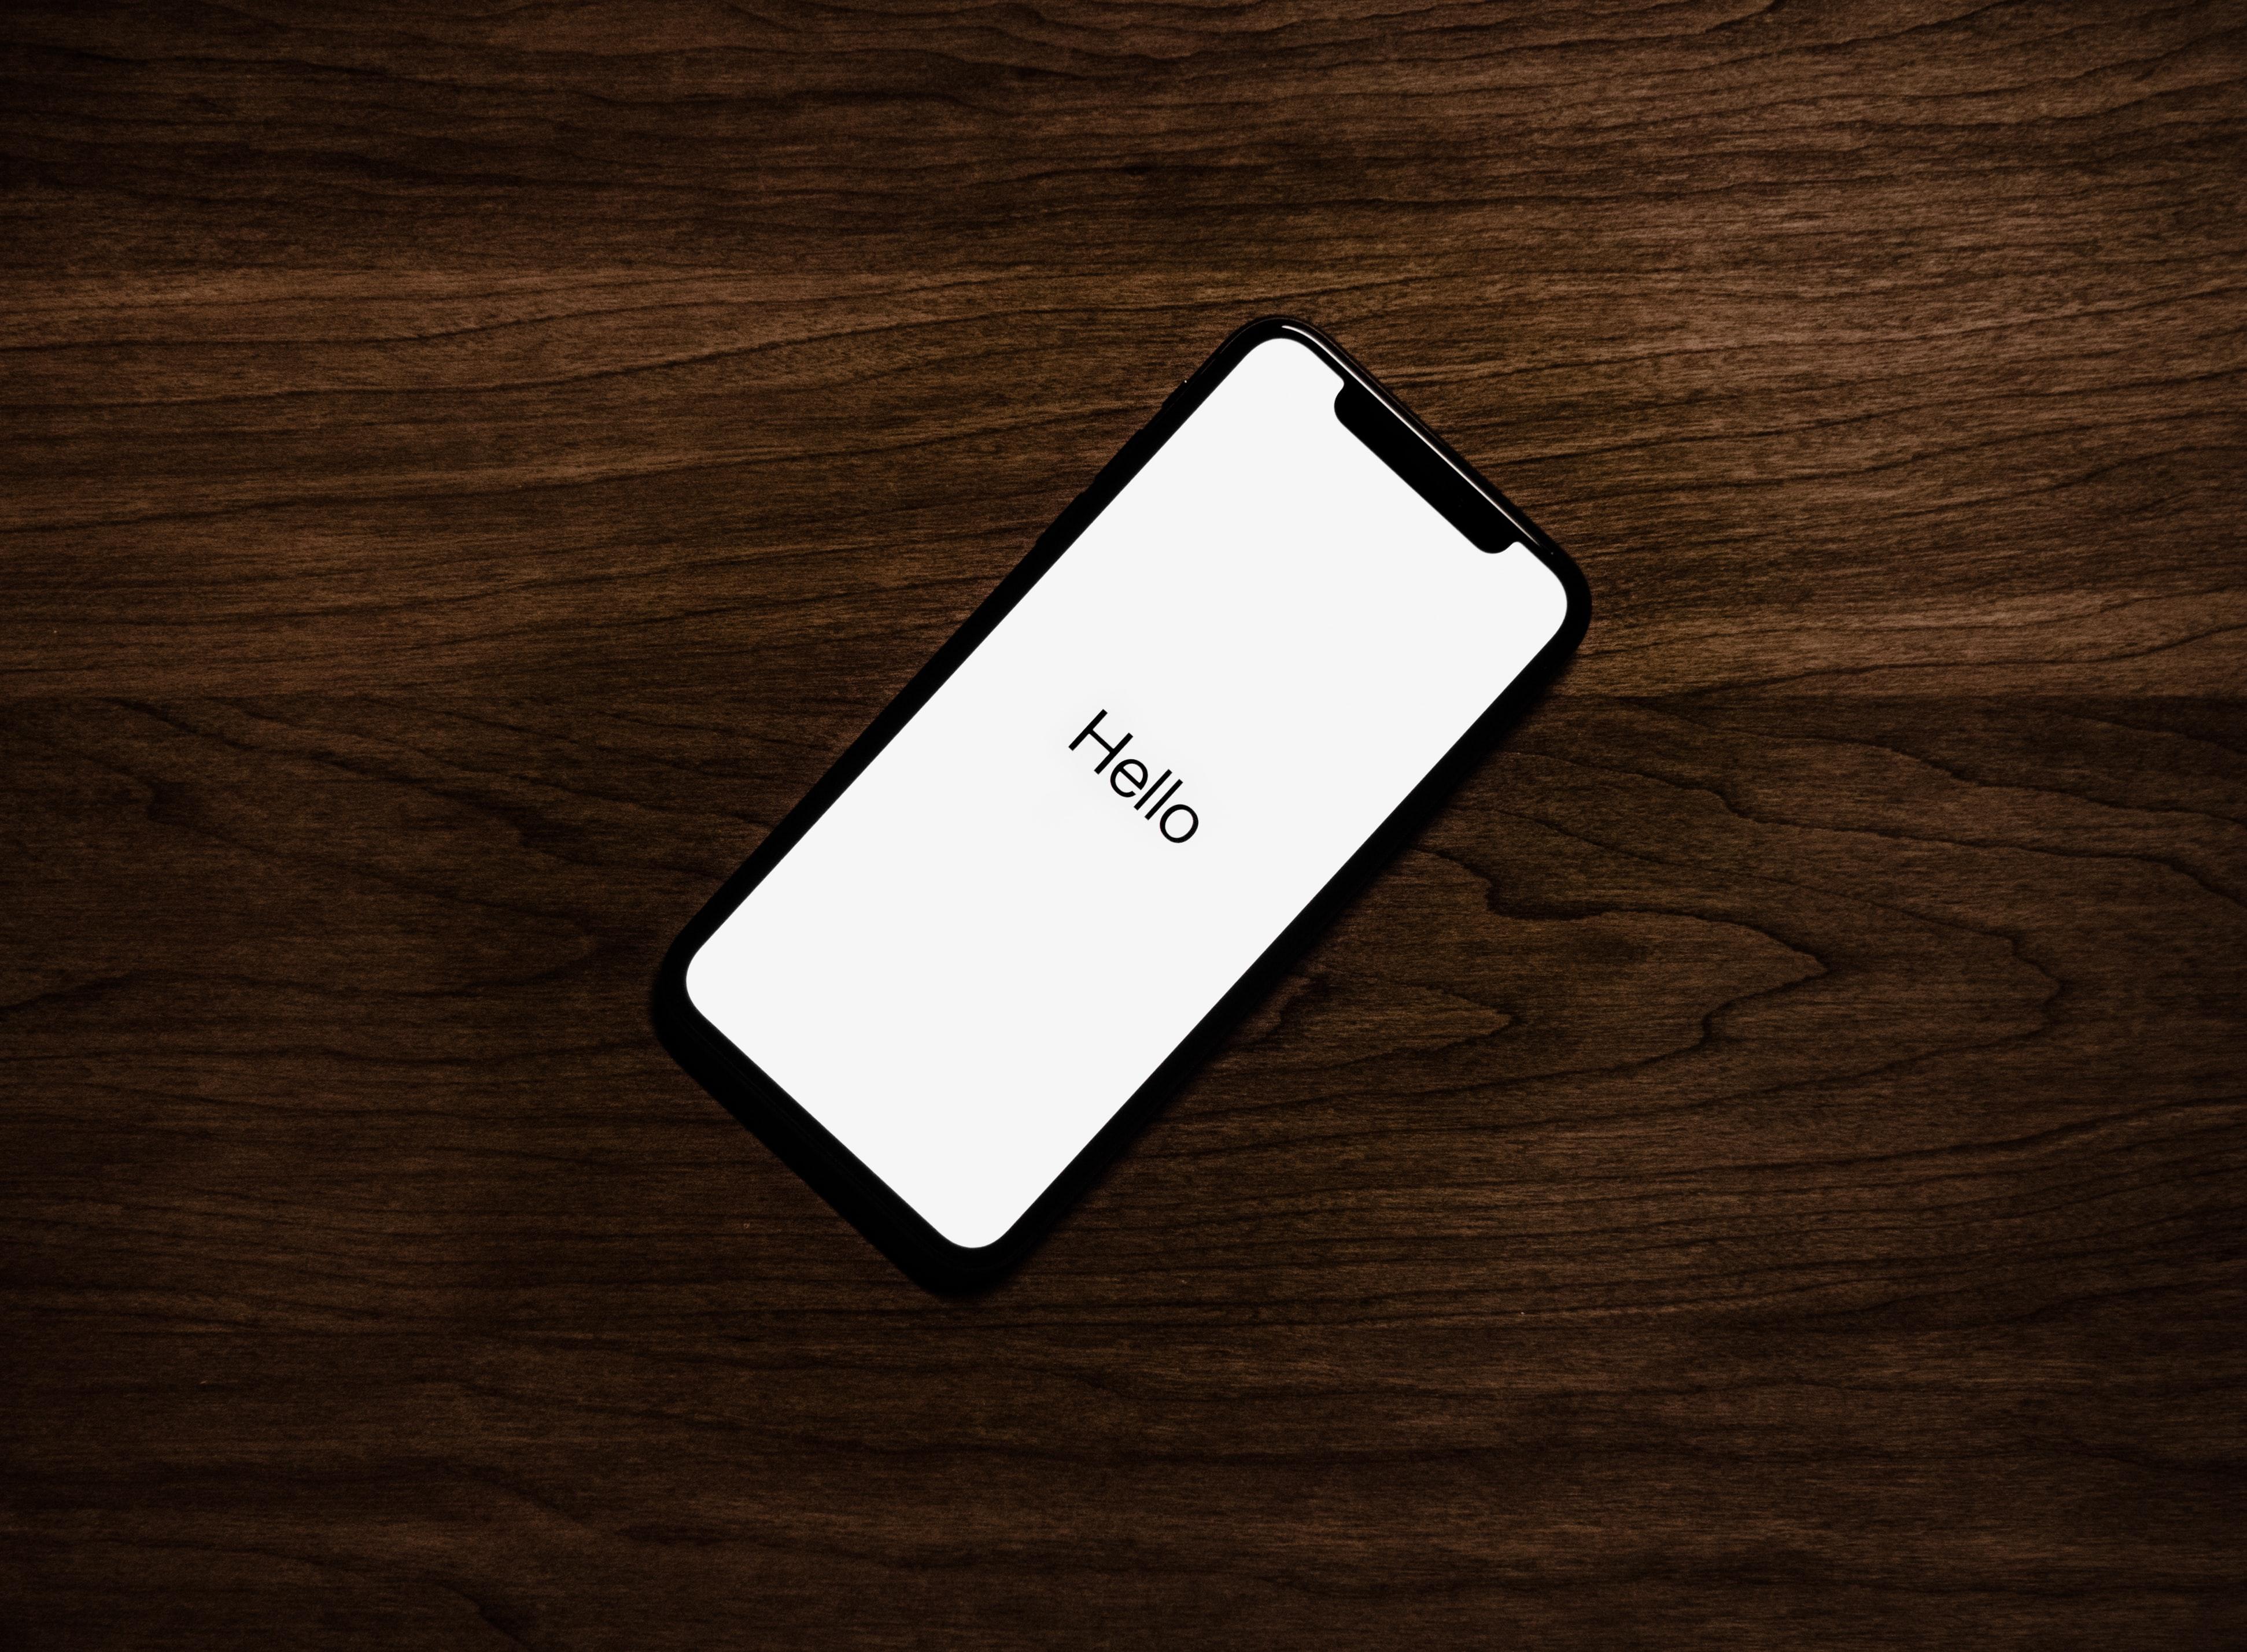 Hvordan Apples nye retningslinjer (iOS 14.5) vil påvirke Facebookannonsører og hvordan vi kan møte endringene